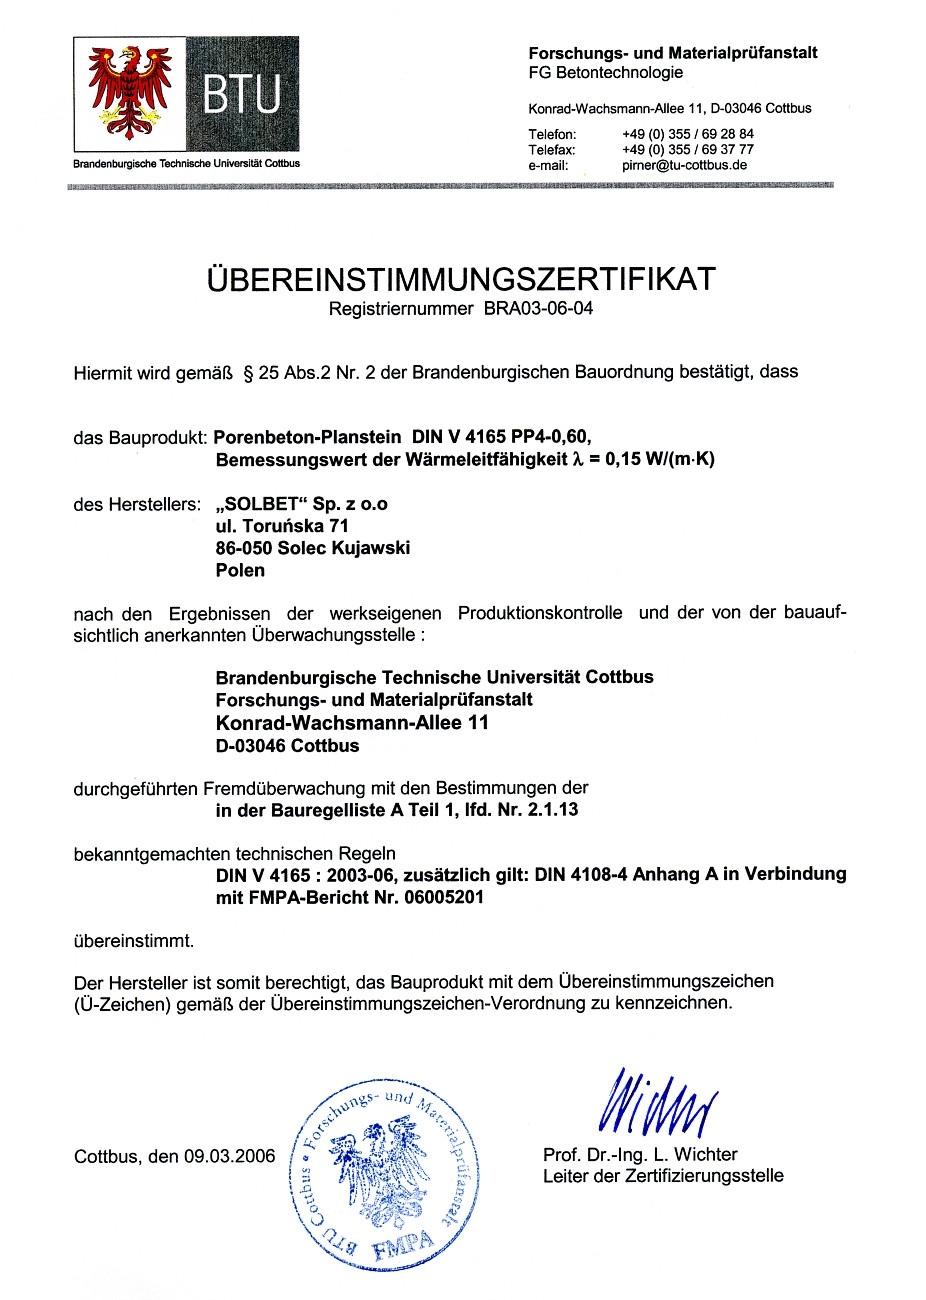 Übereinstimmungszertifikat für PP4-0,6 Gasbetonsteine